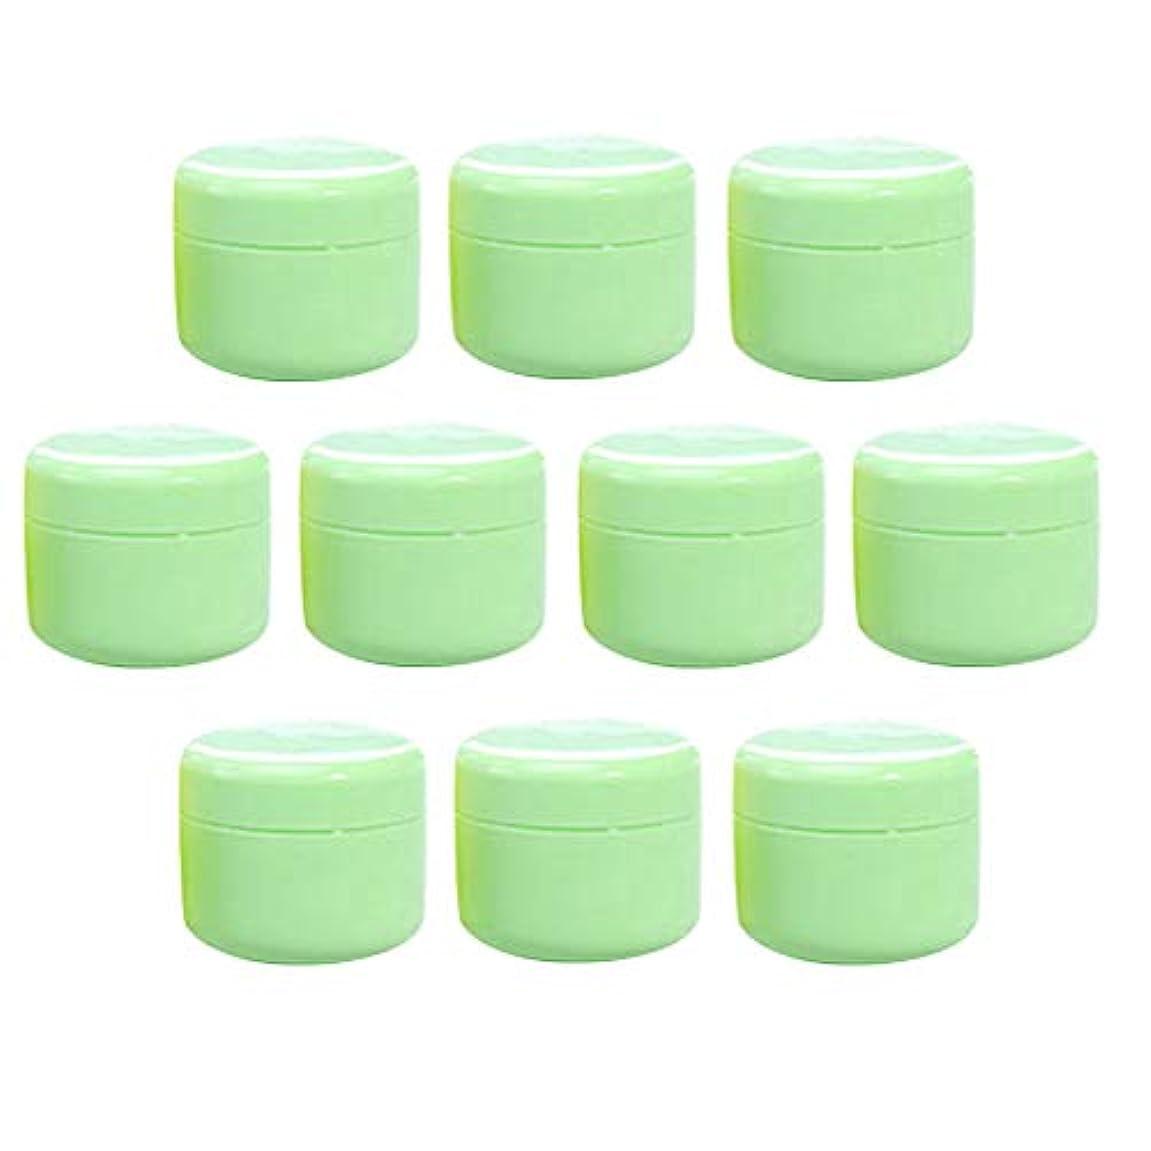 道に迷いましたフラスコ任命する詰替え容器 化粧品容器 空のボトル クリームボトル クリーム容器 旅行用品 10個入り 全15選択 - グリーン20g